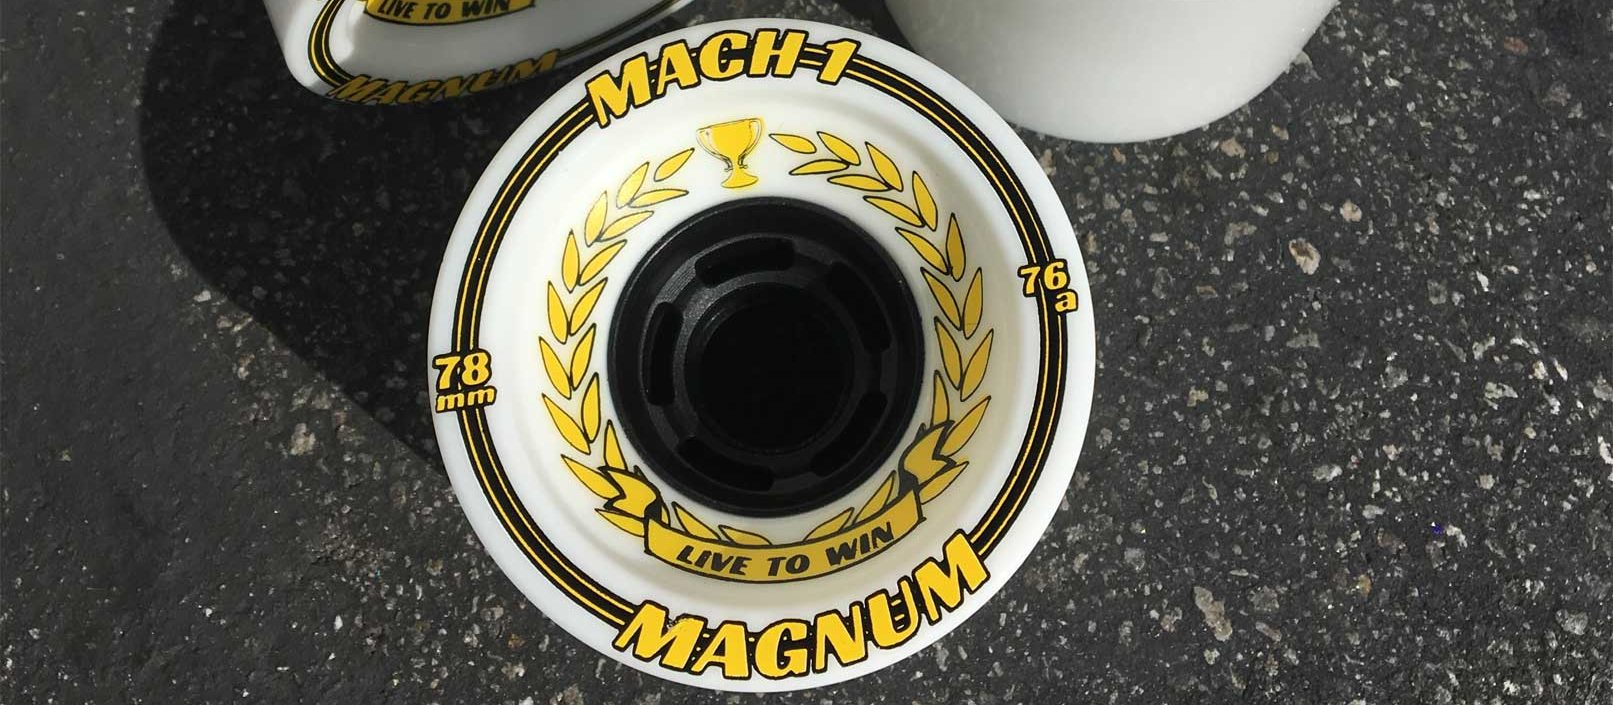 Mach 1 Magnum Wheel